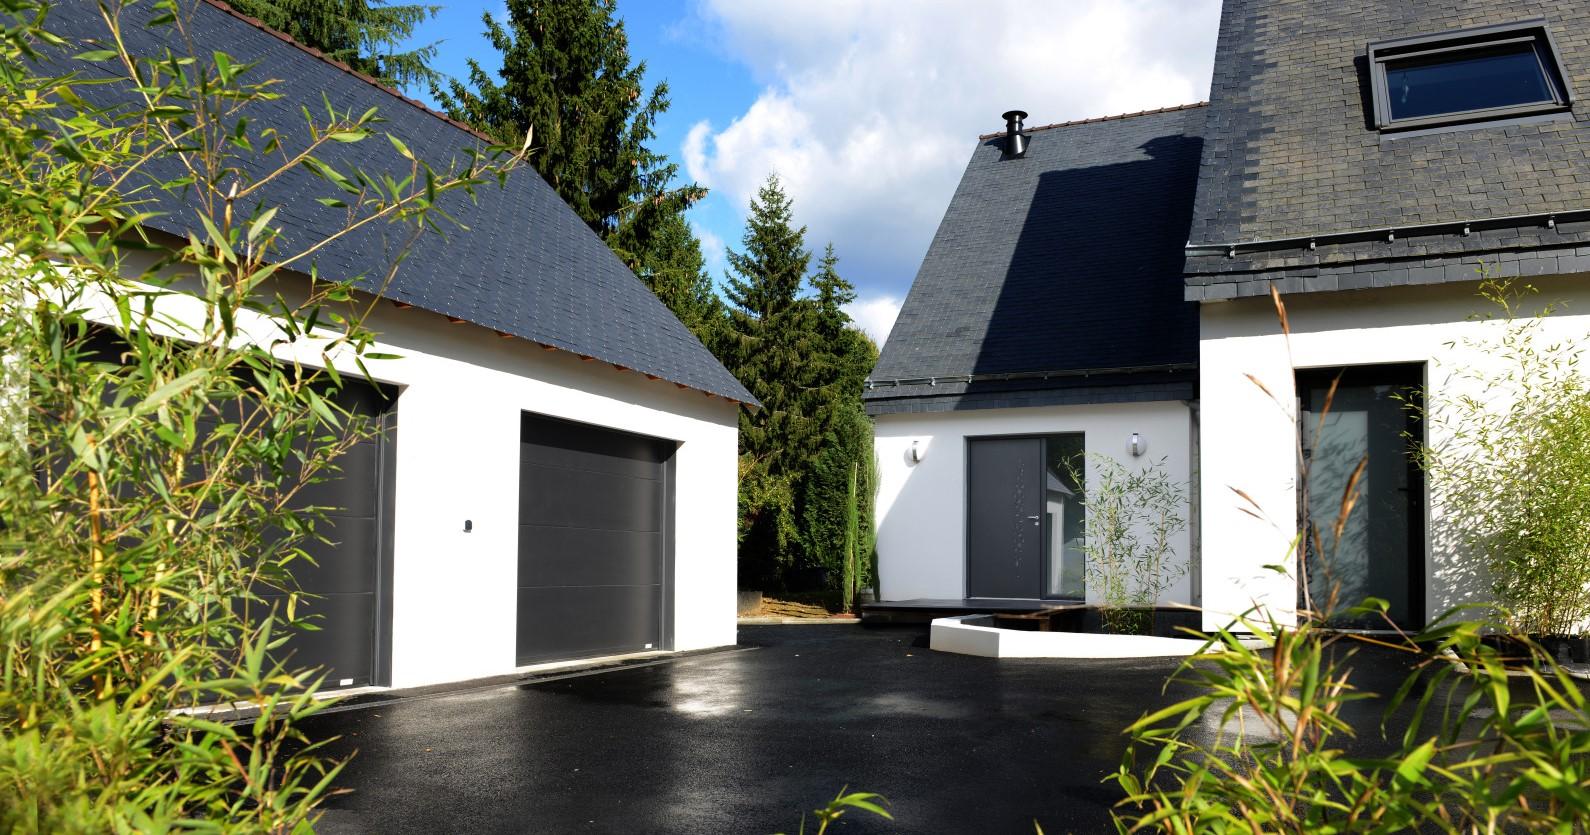 Porte de garage à ouverture sectionnelle plafond coordonnée - Komilfo